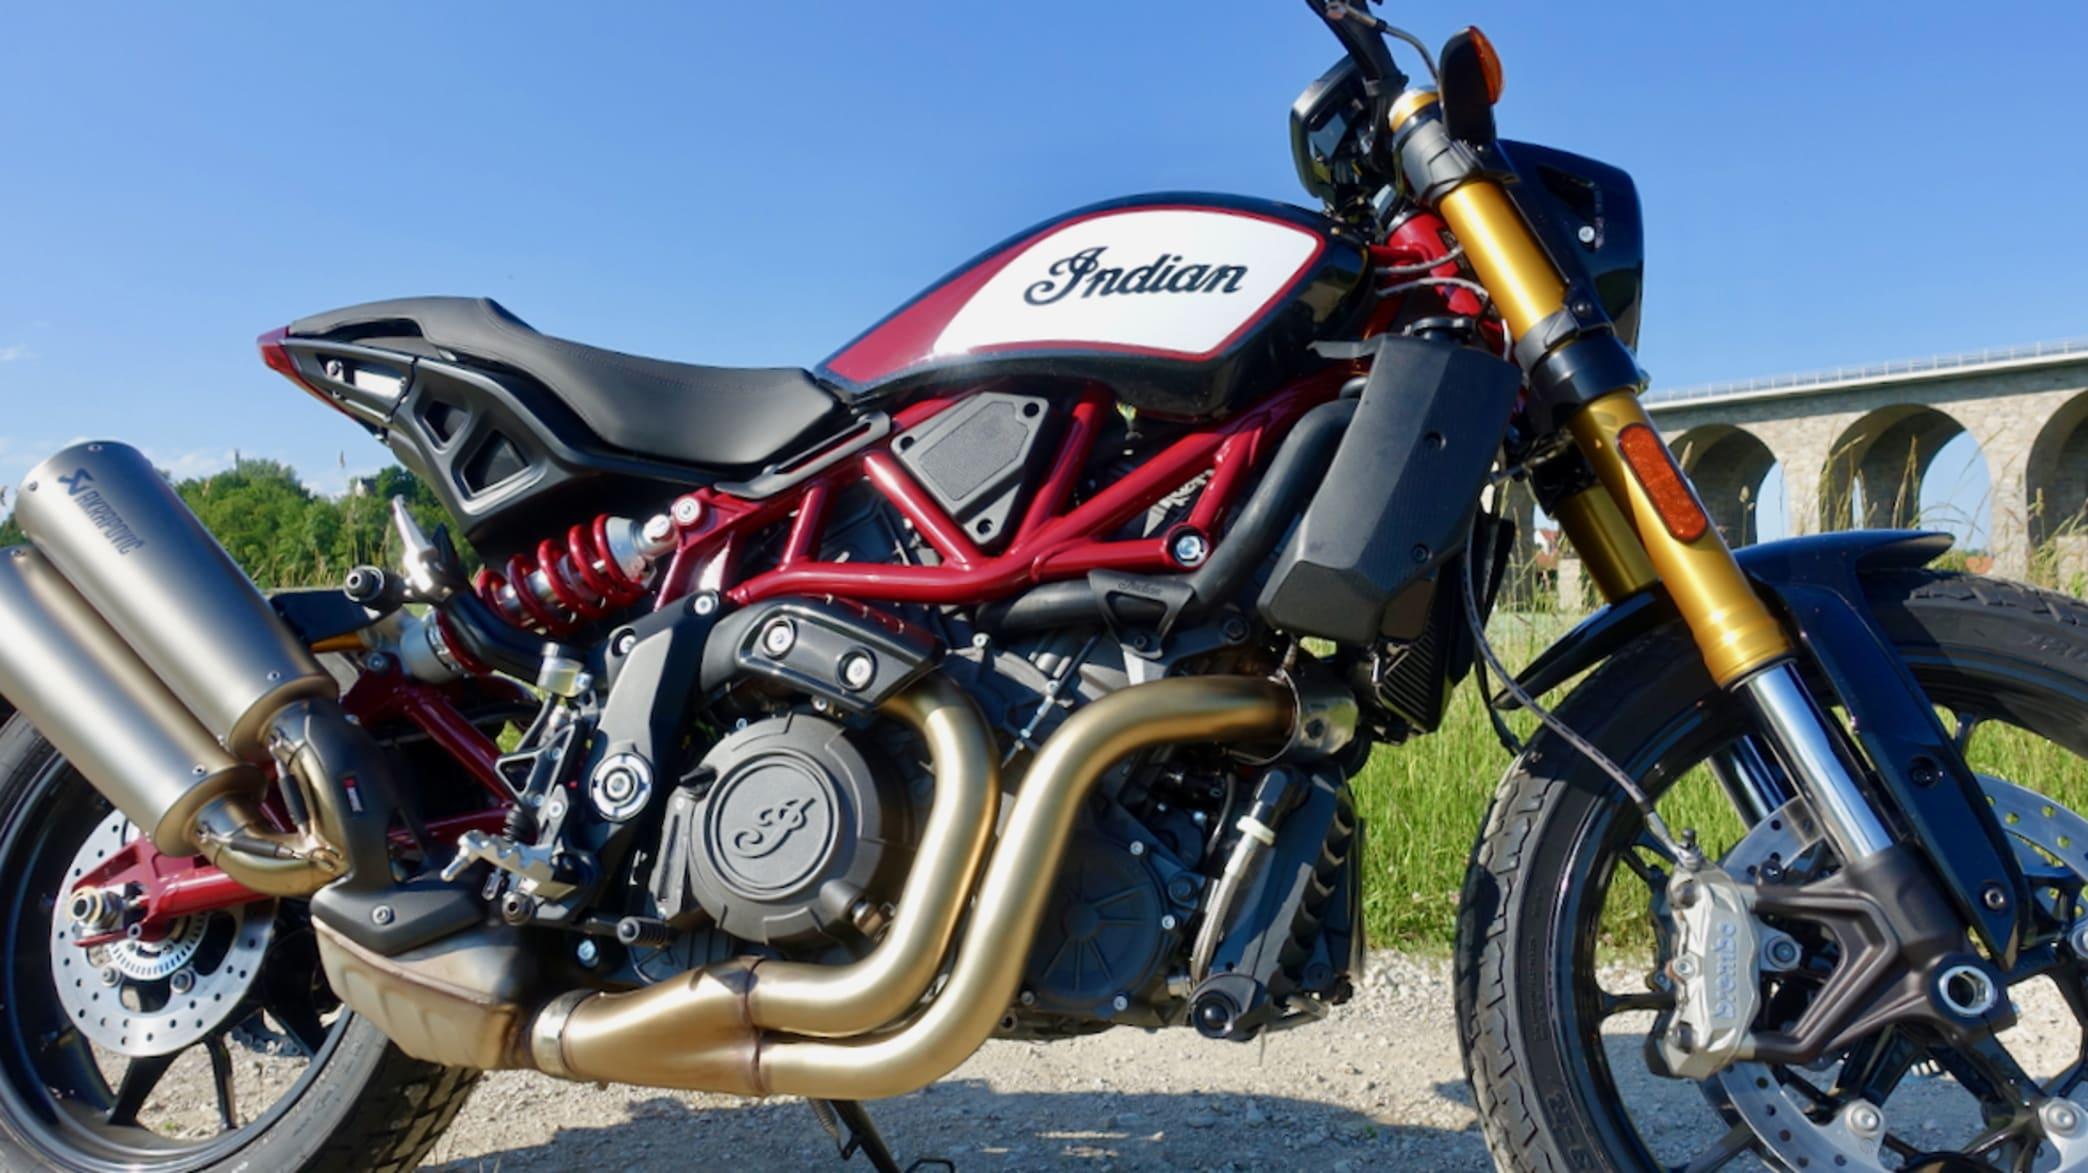 Seitliche Detailansicht eines FTR 1200 S Motorrad